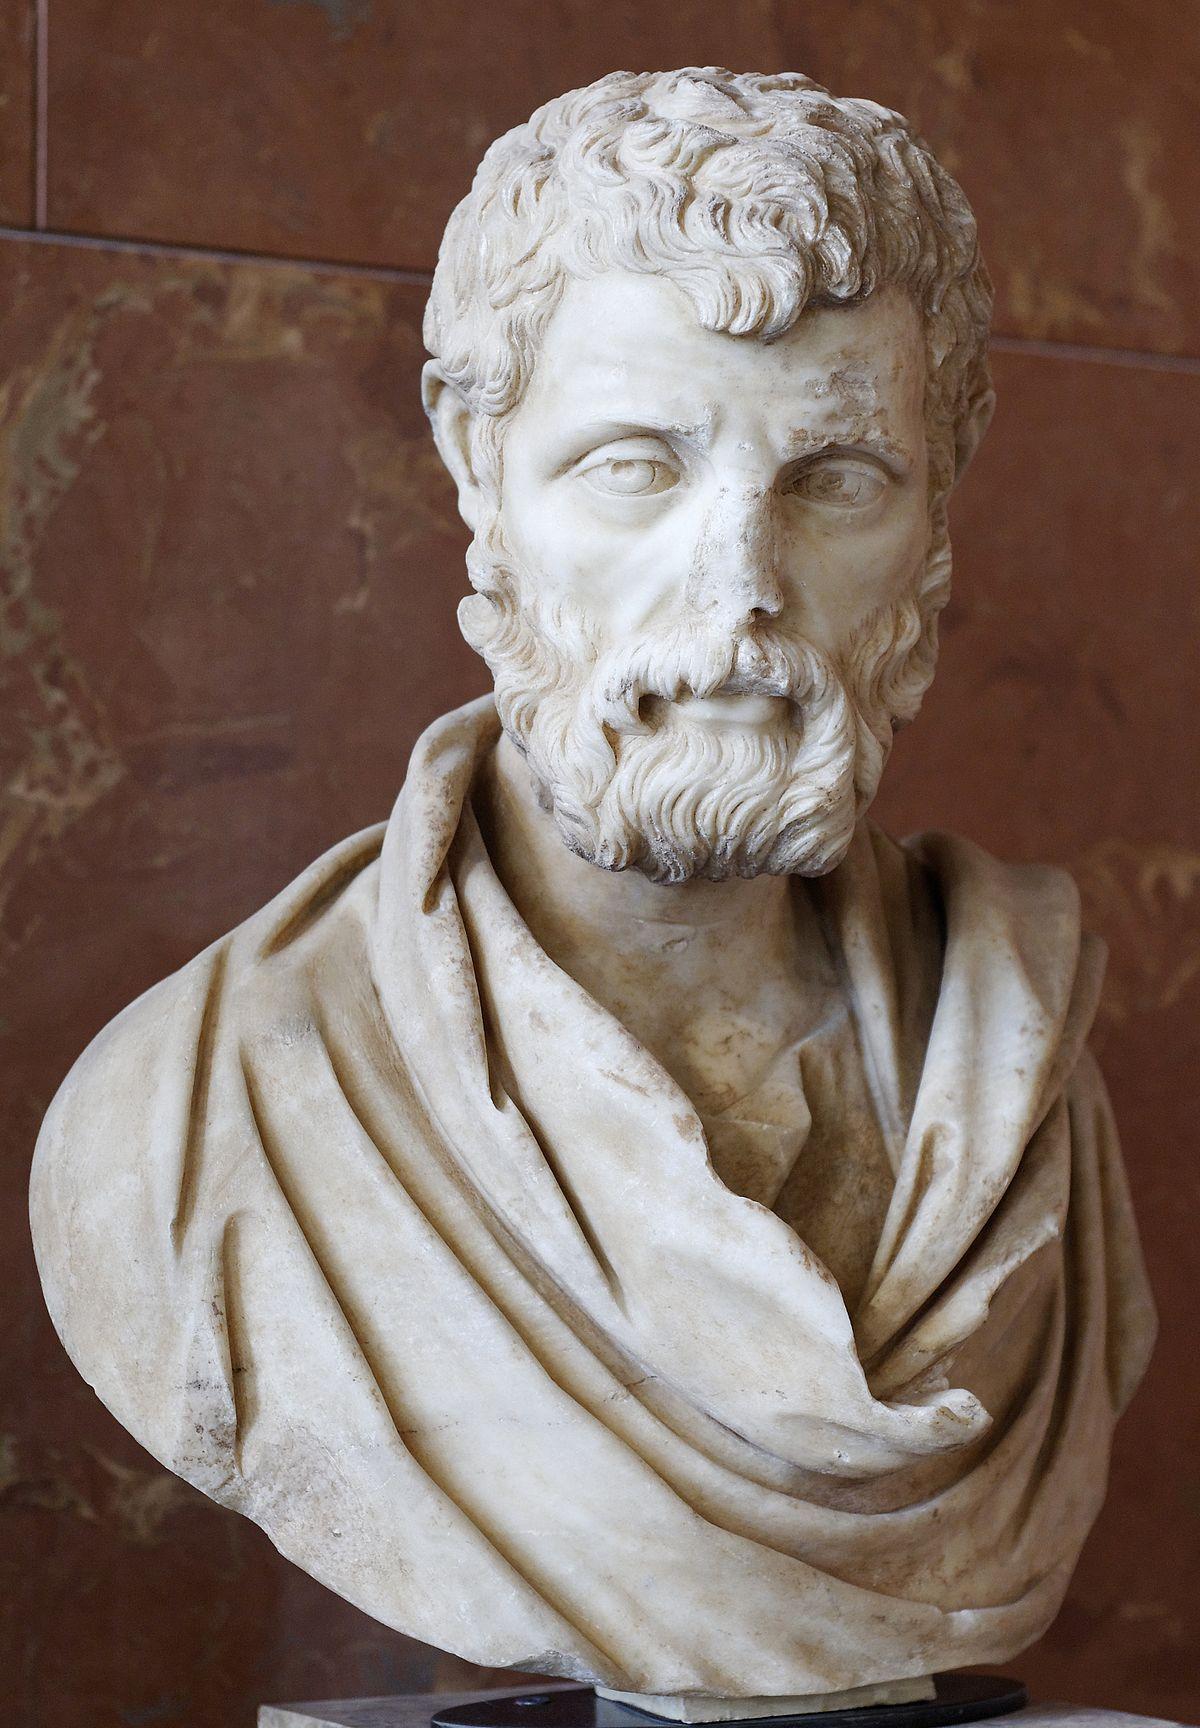 Αποτέλεσμα εικόνας για Ηρώδης ο Αττικός: Φιλόσοφος και μέγας ευεργέτης της Αθήνας